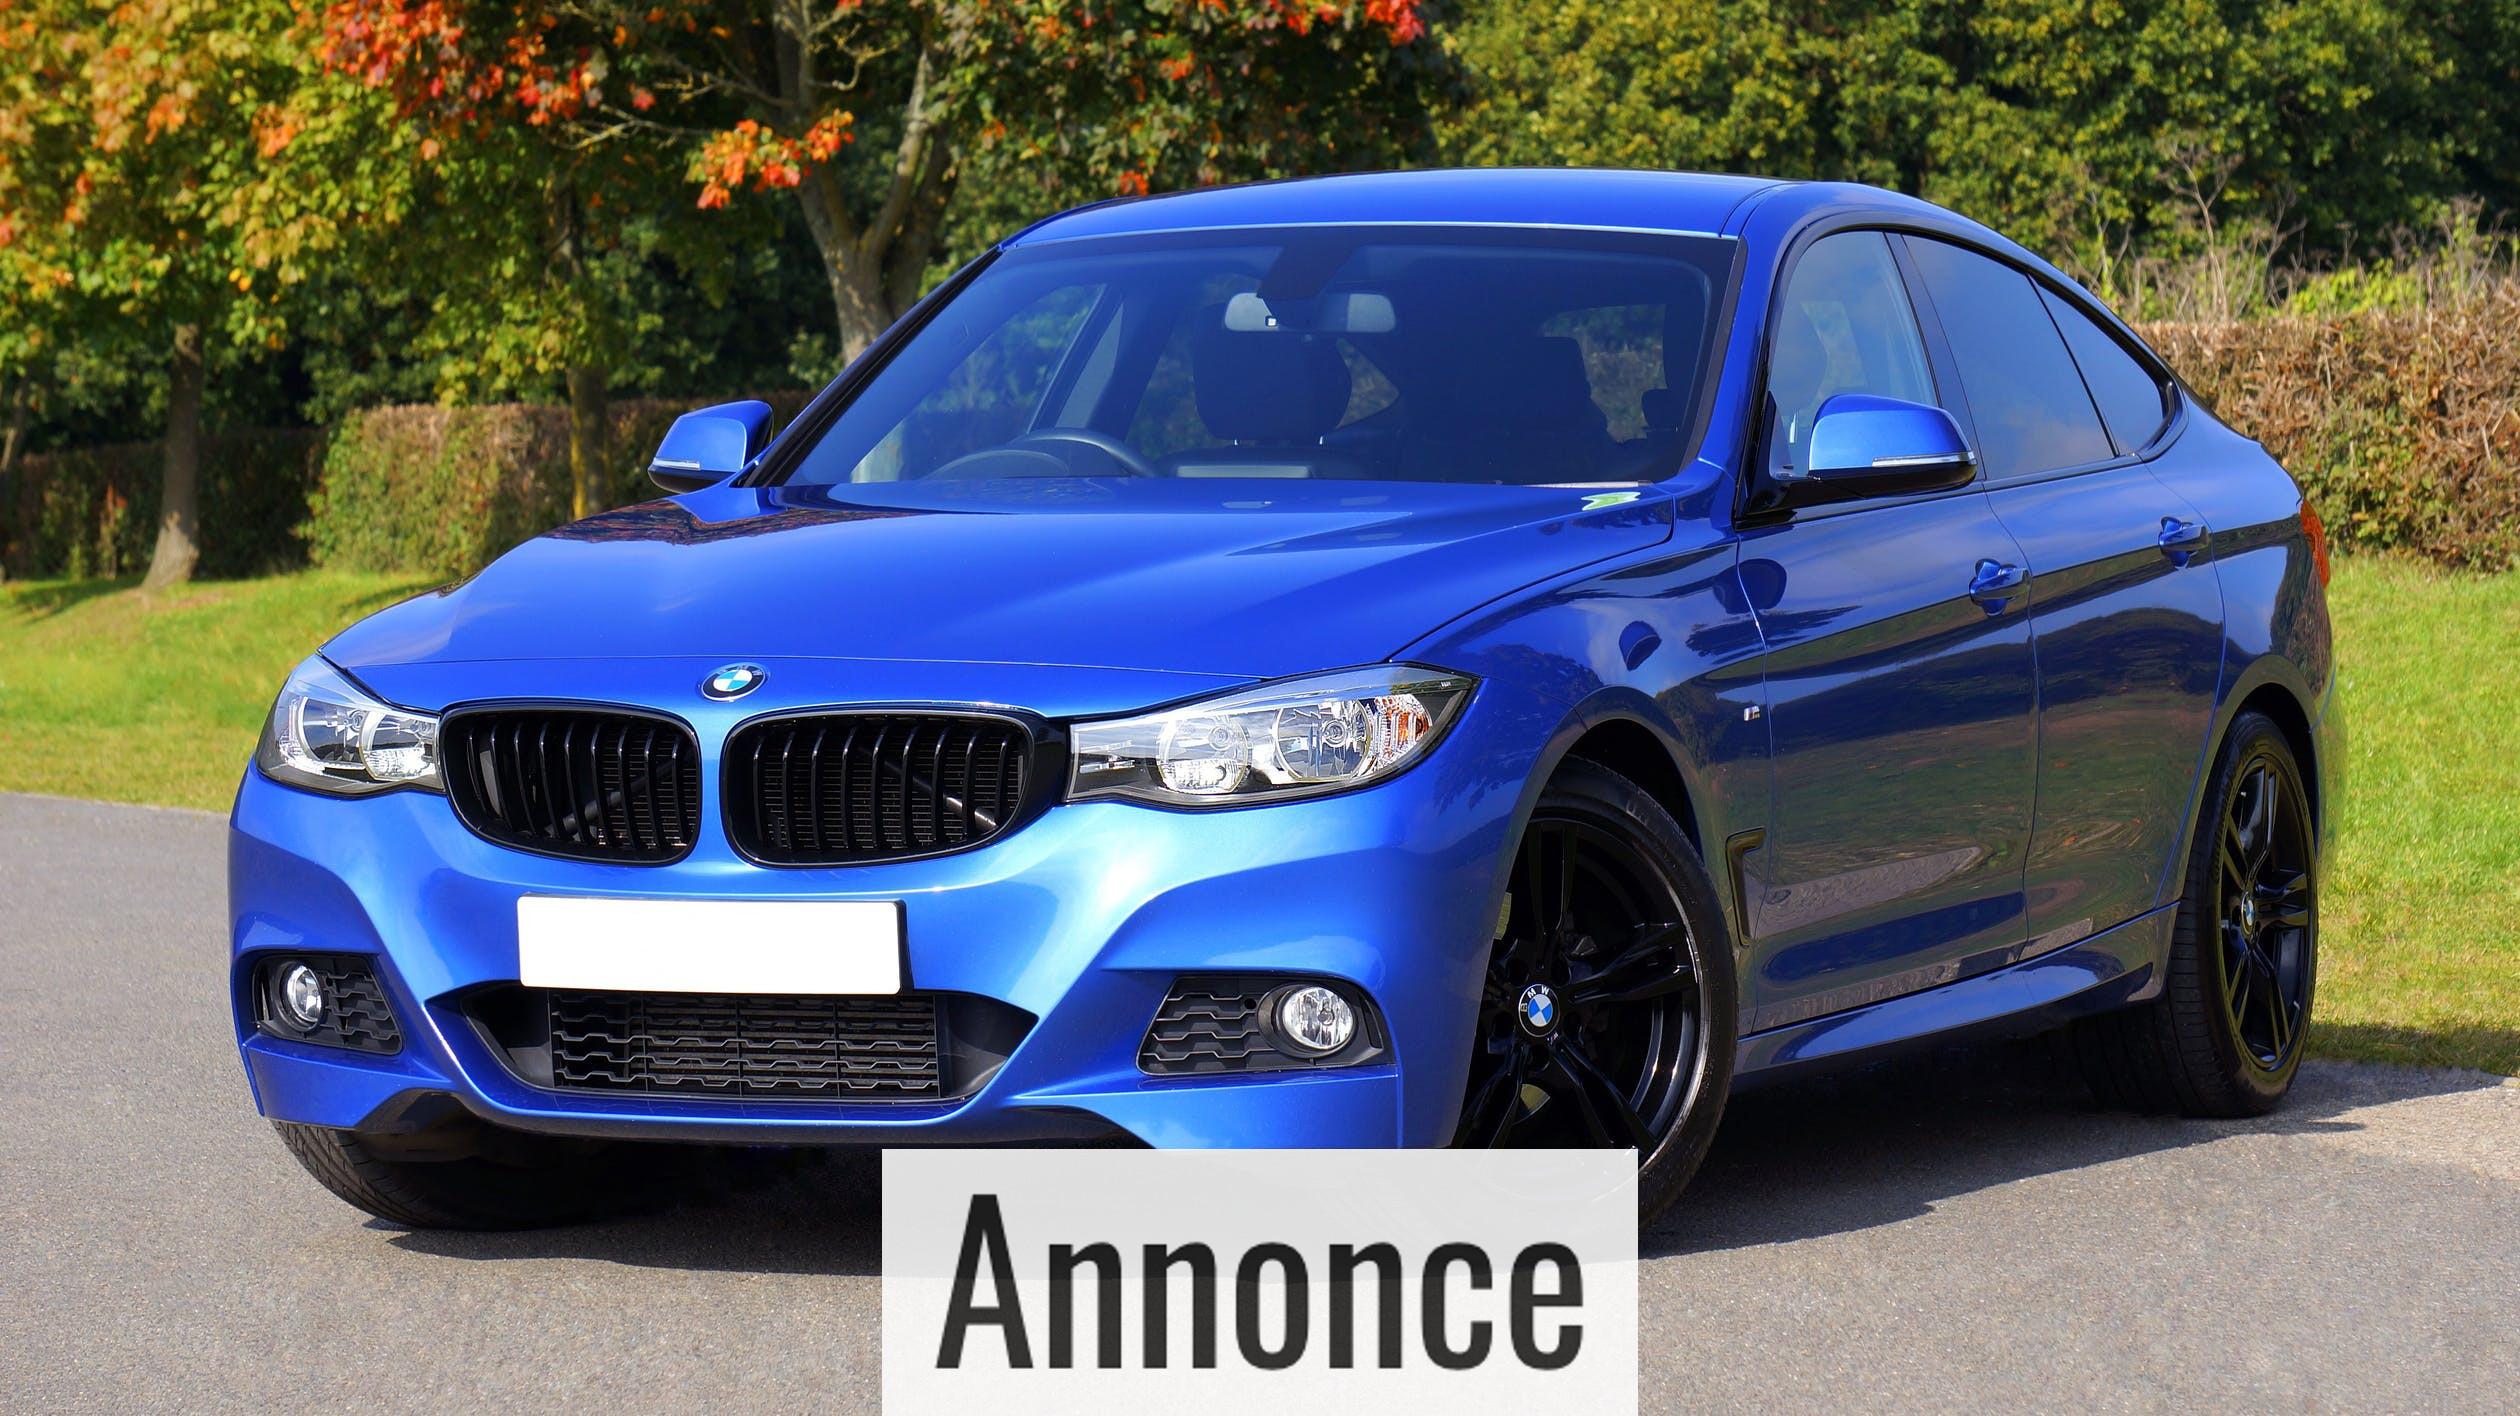 Guide: Sådan vælger du mellem en ny eller brugt bil